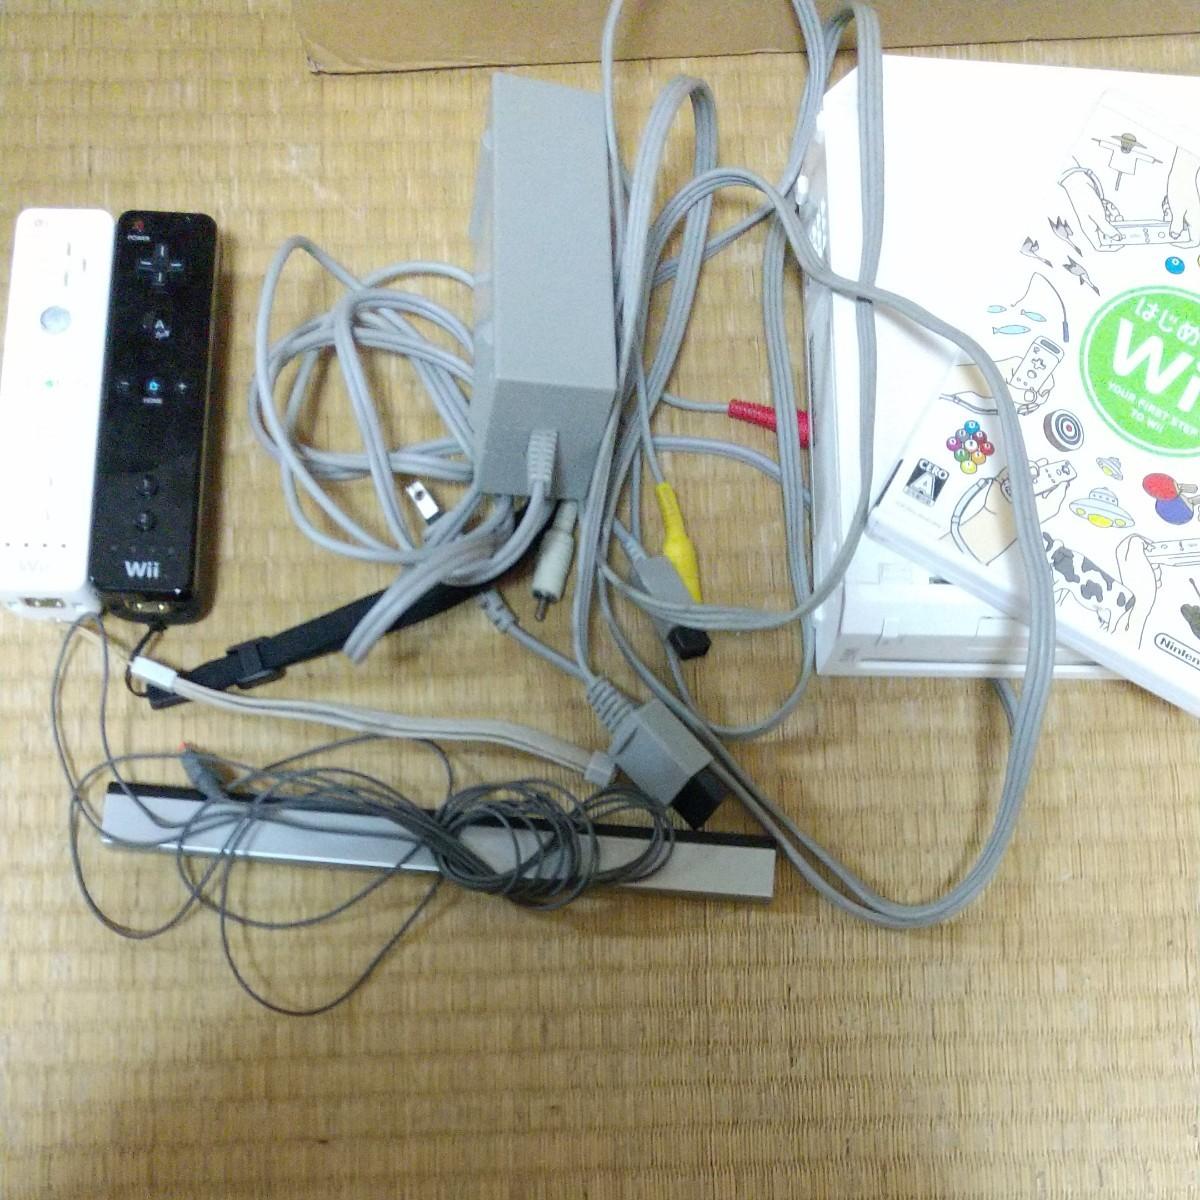 Wii 任天堂Wii